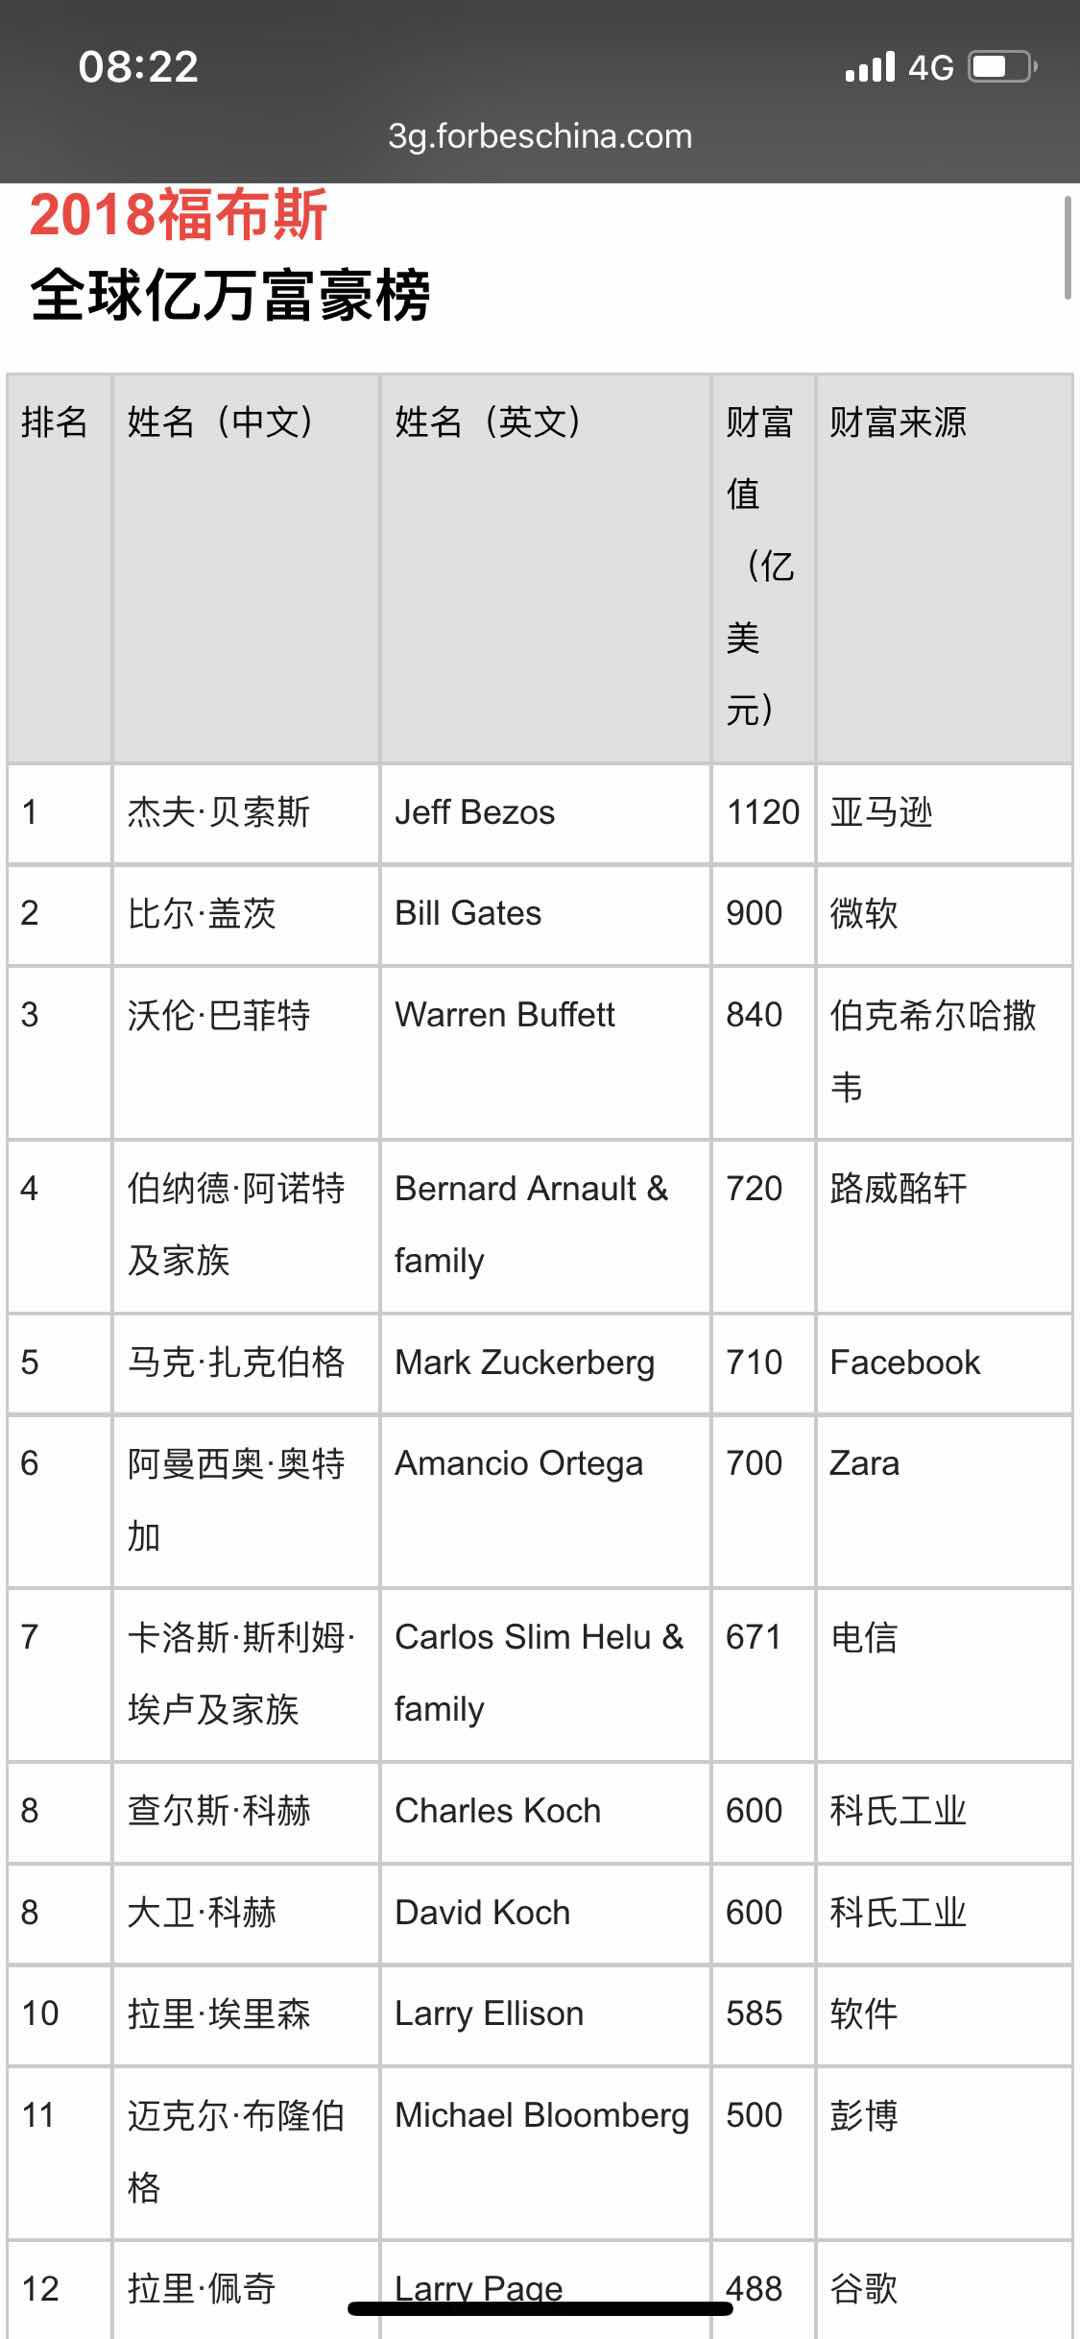 澳门网络赌博平台:福布斯2018全球亿万富豪榜:中国新上榜富豪最多